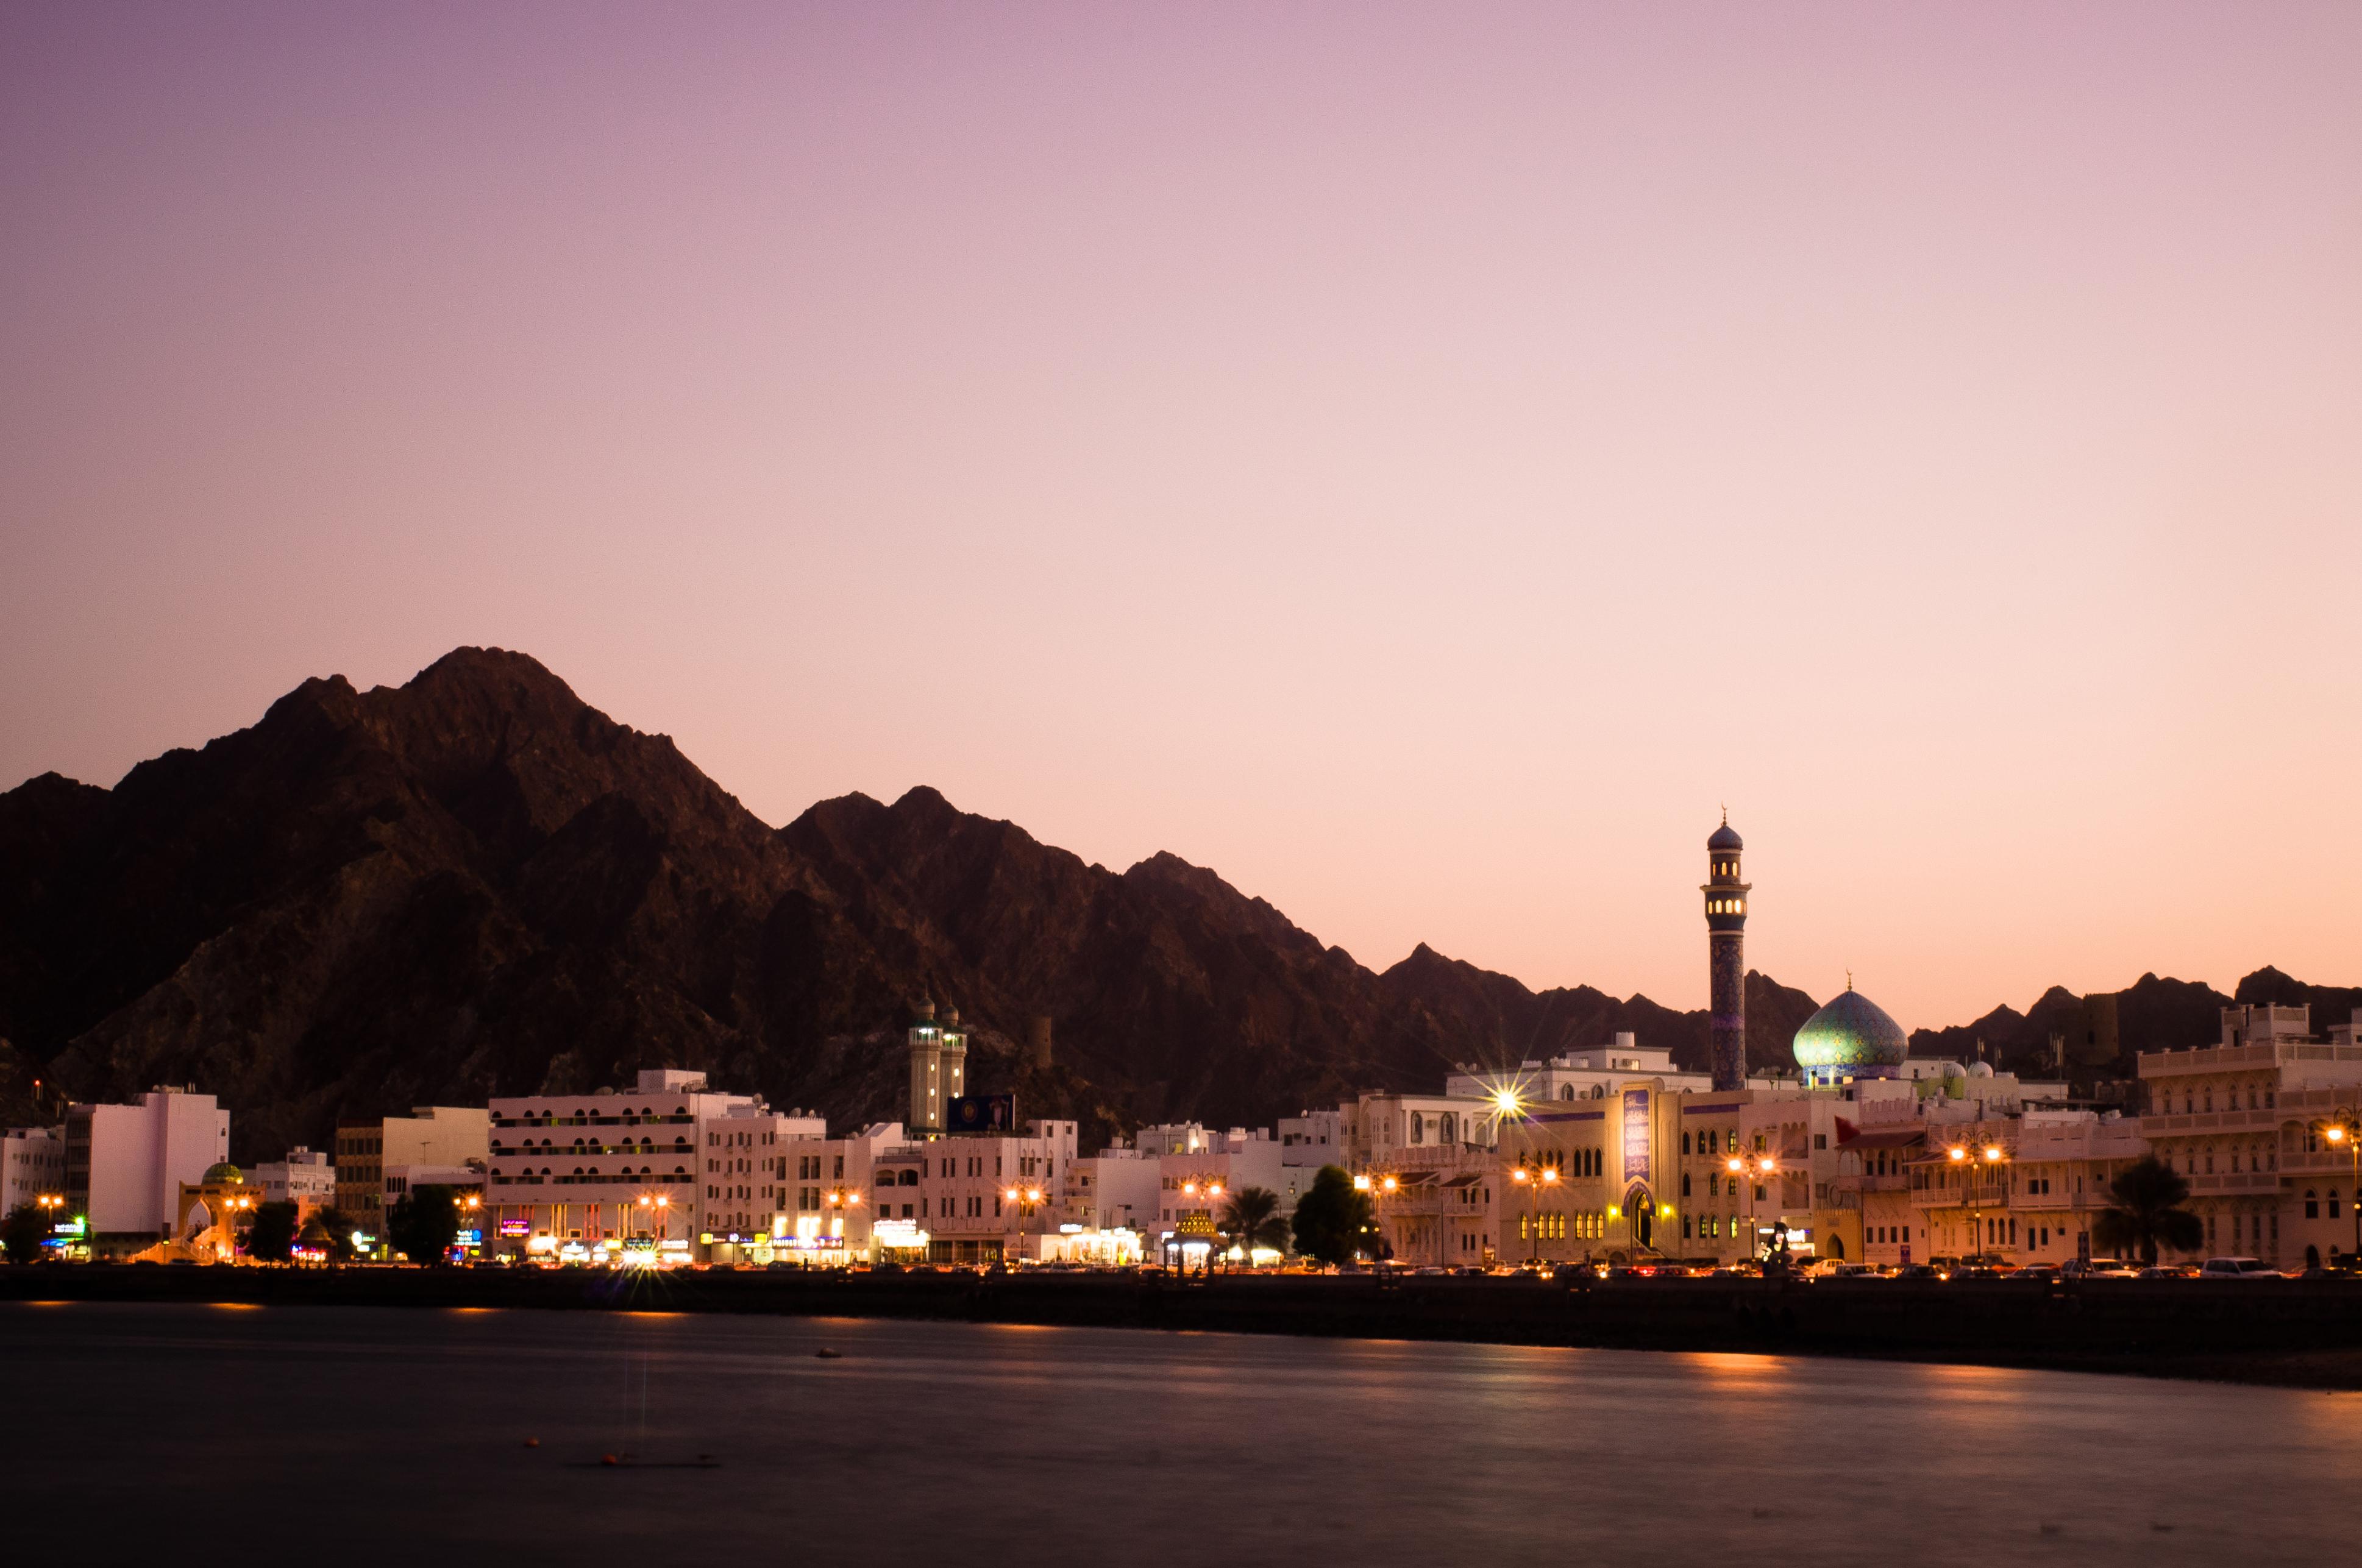 Risultati immagini per Mutrah oman waterfront